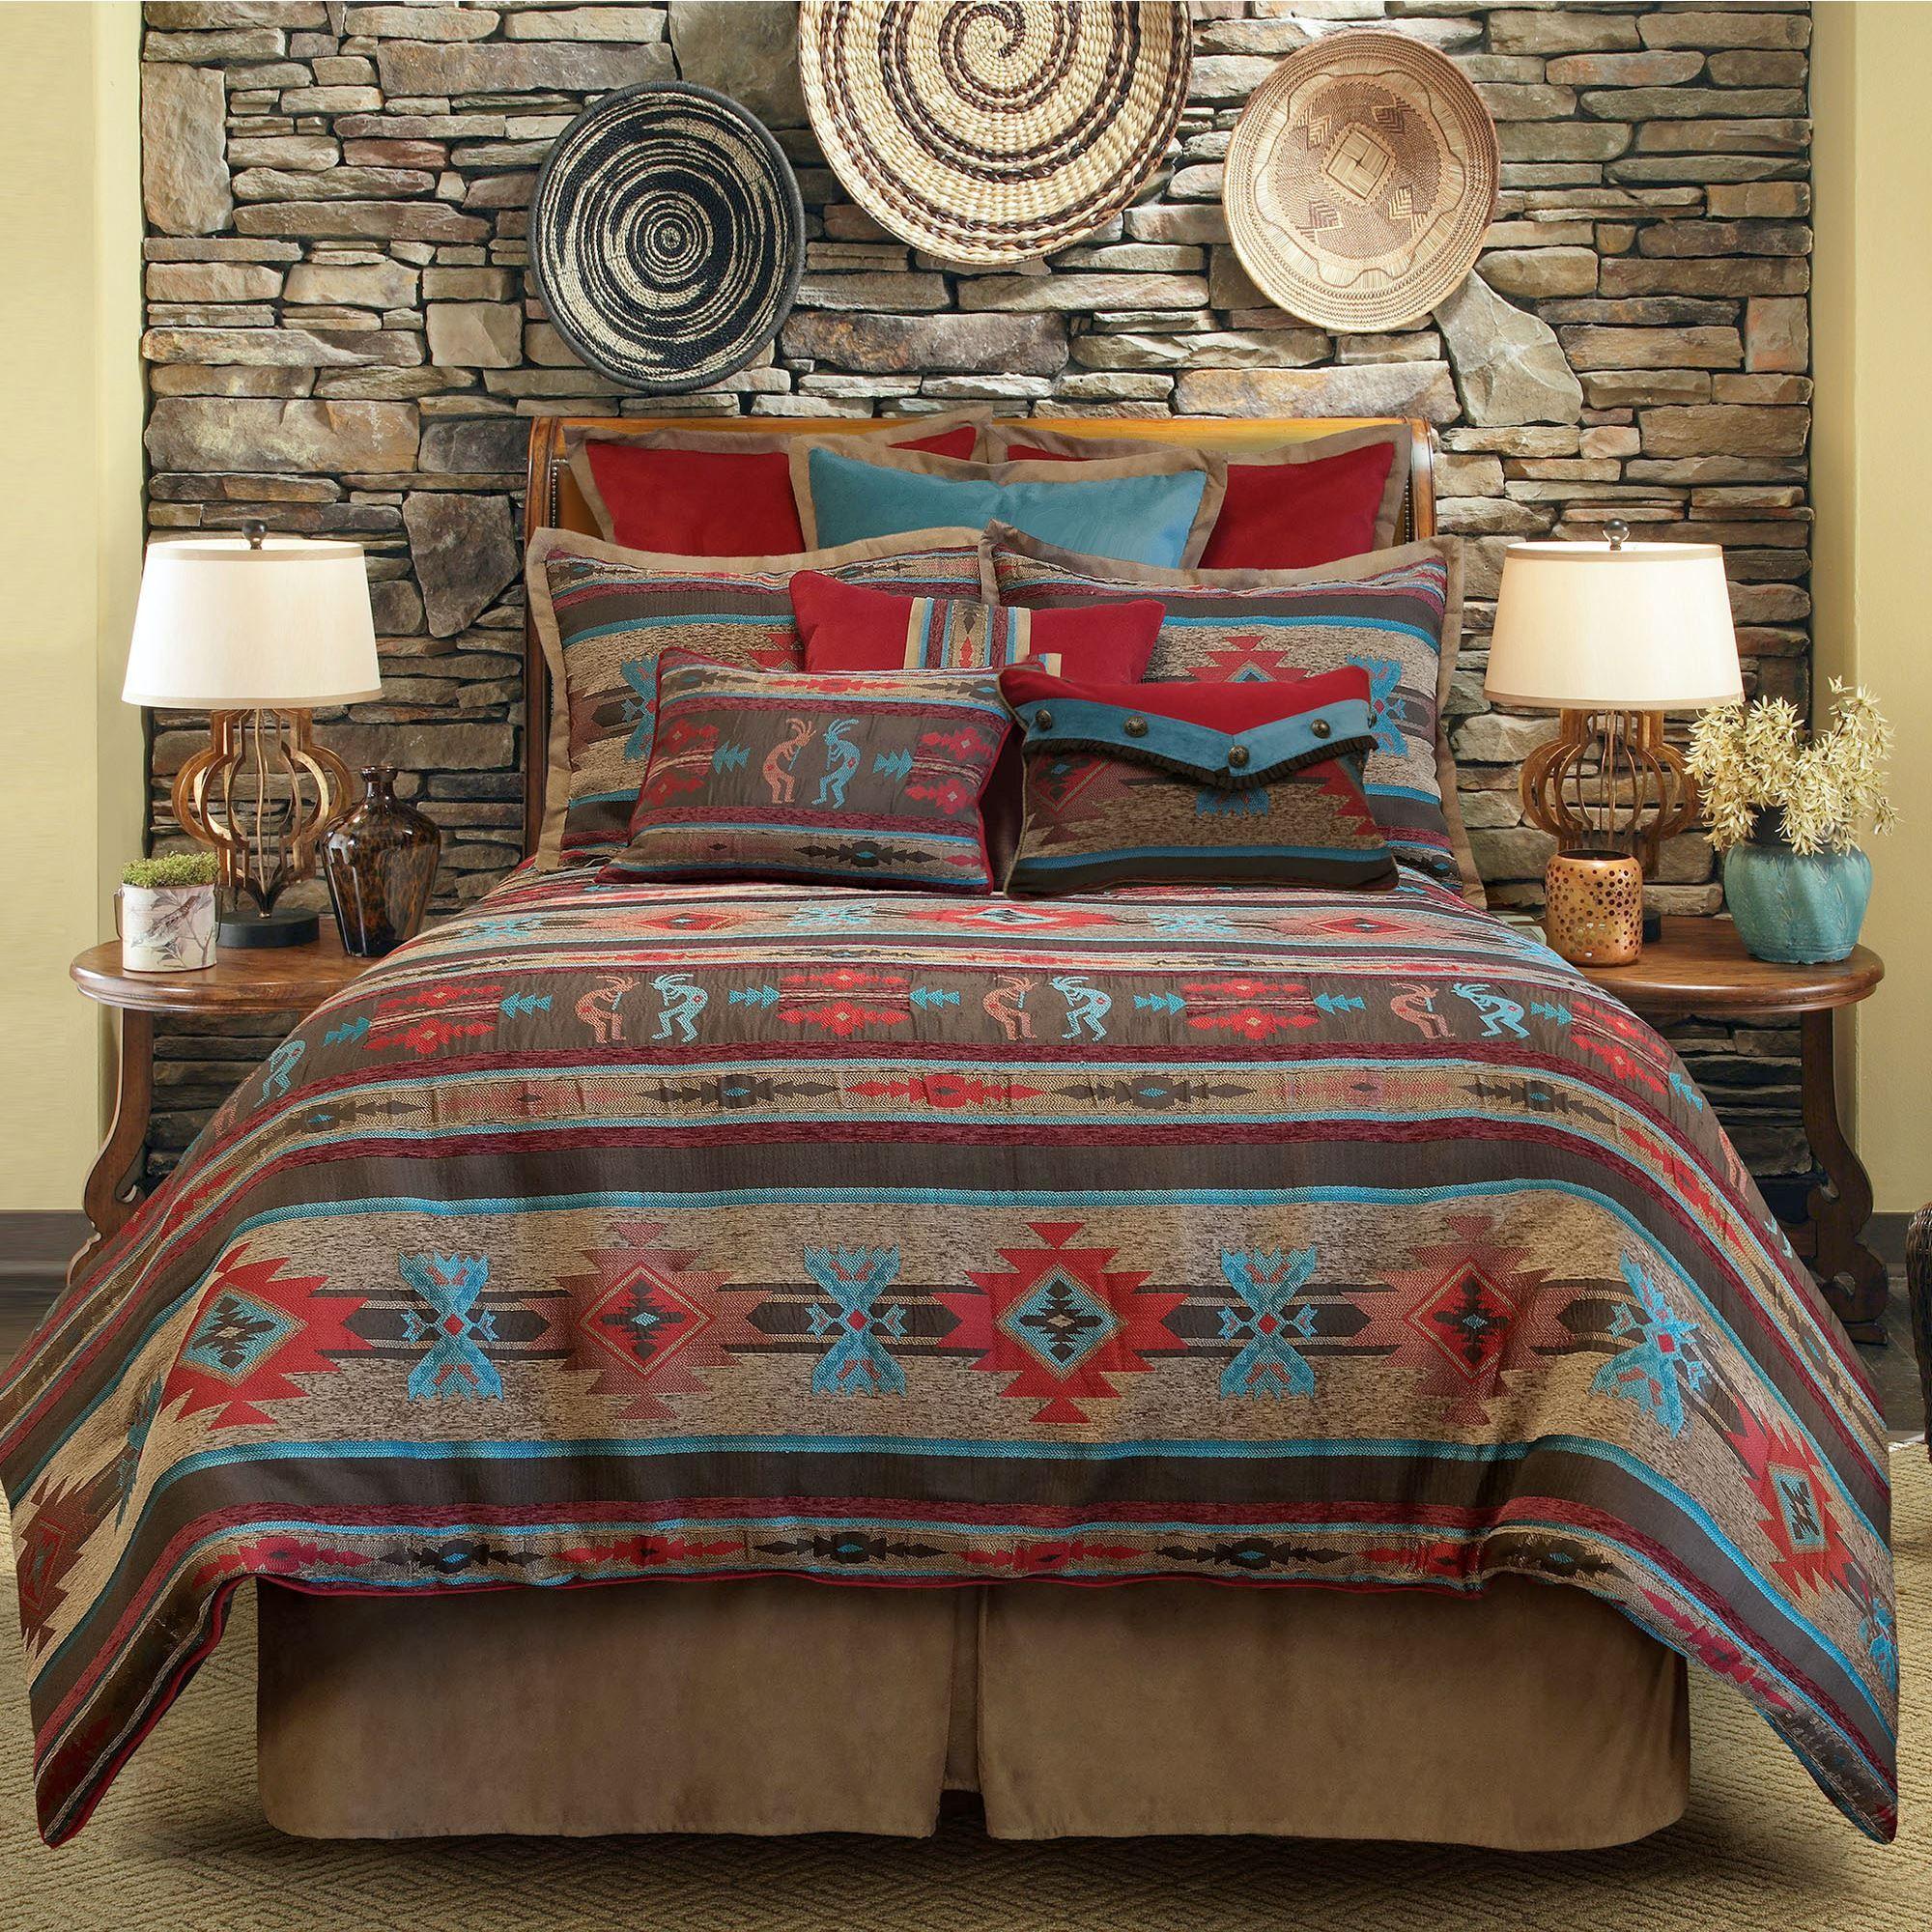 bedspreads comforters microfiber sets piece southwestern zebra of train size pink full bedding bed horse comforter set